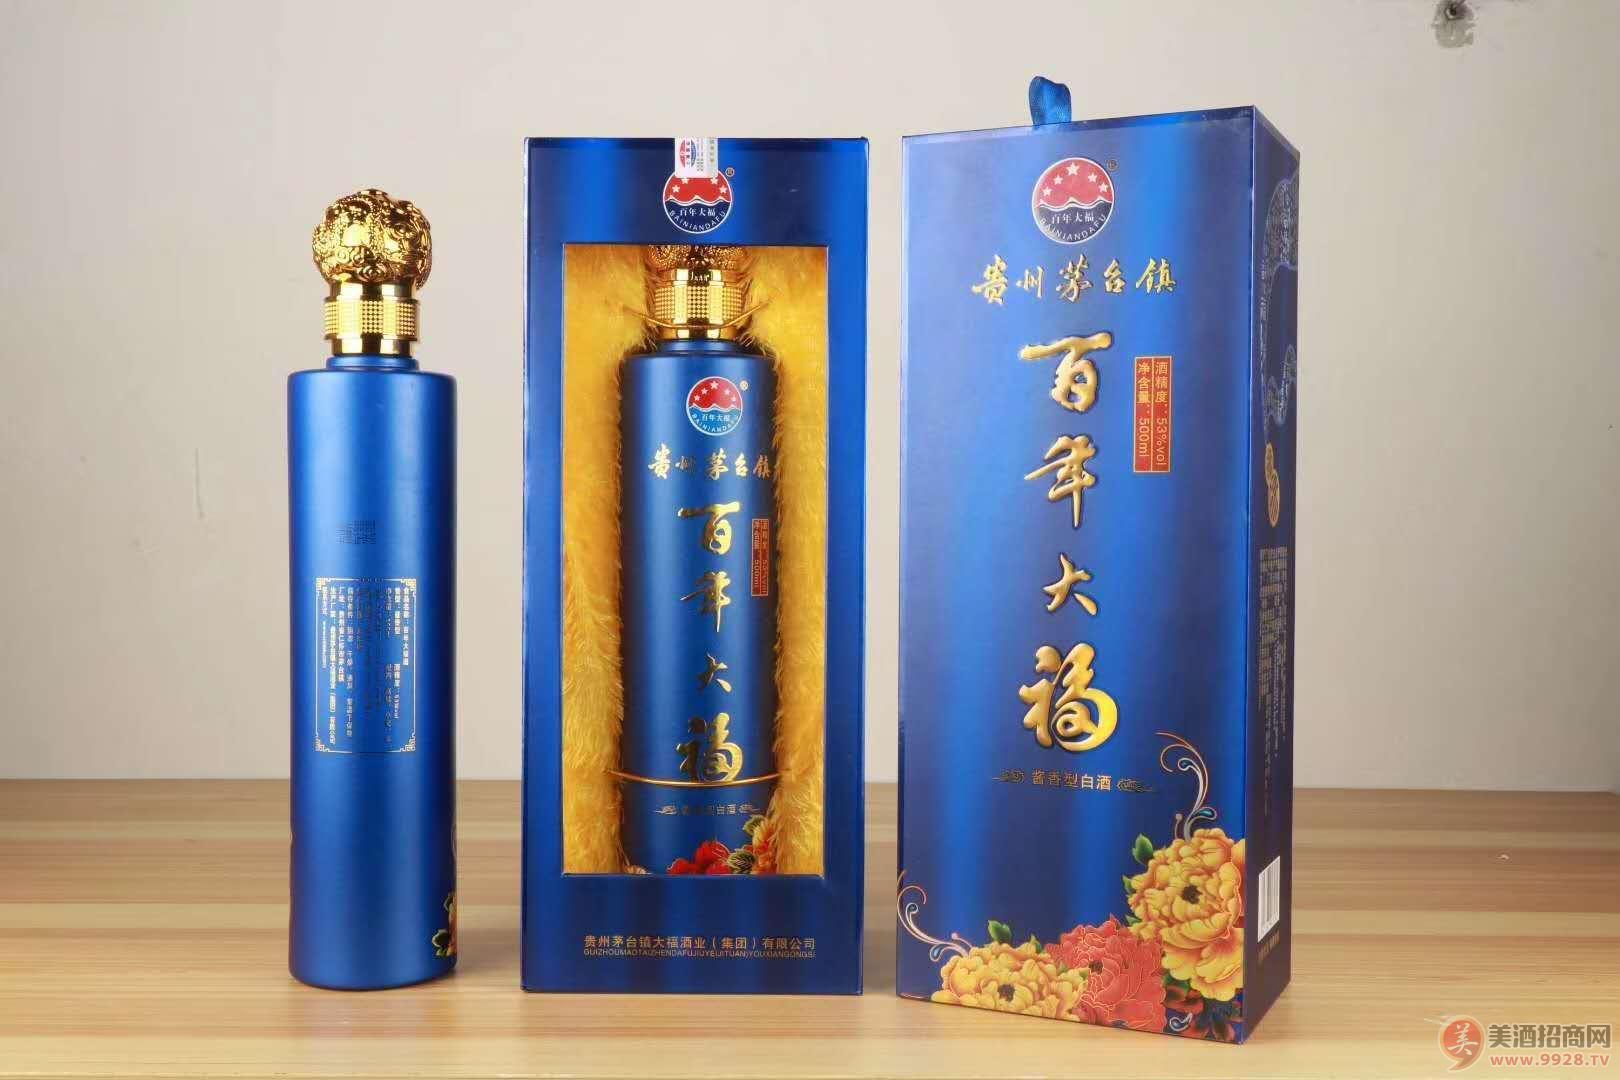 大福酒厂,百年大福四色高瓶酒